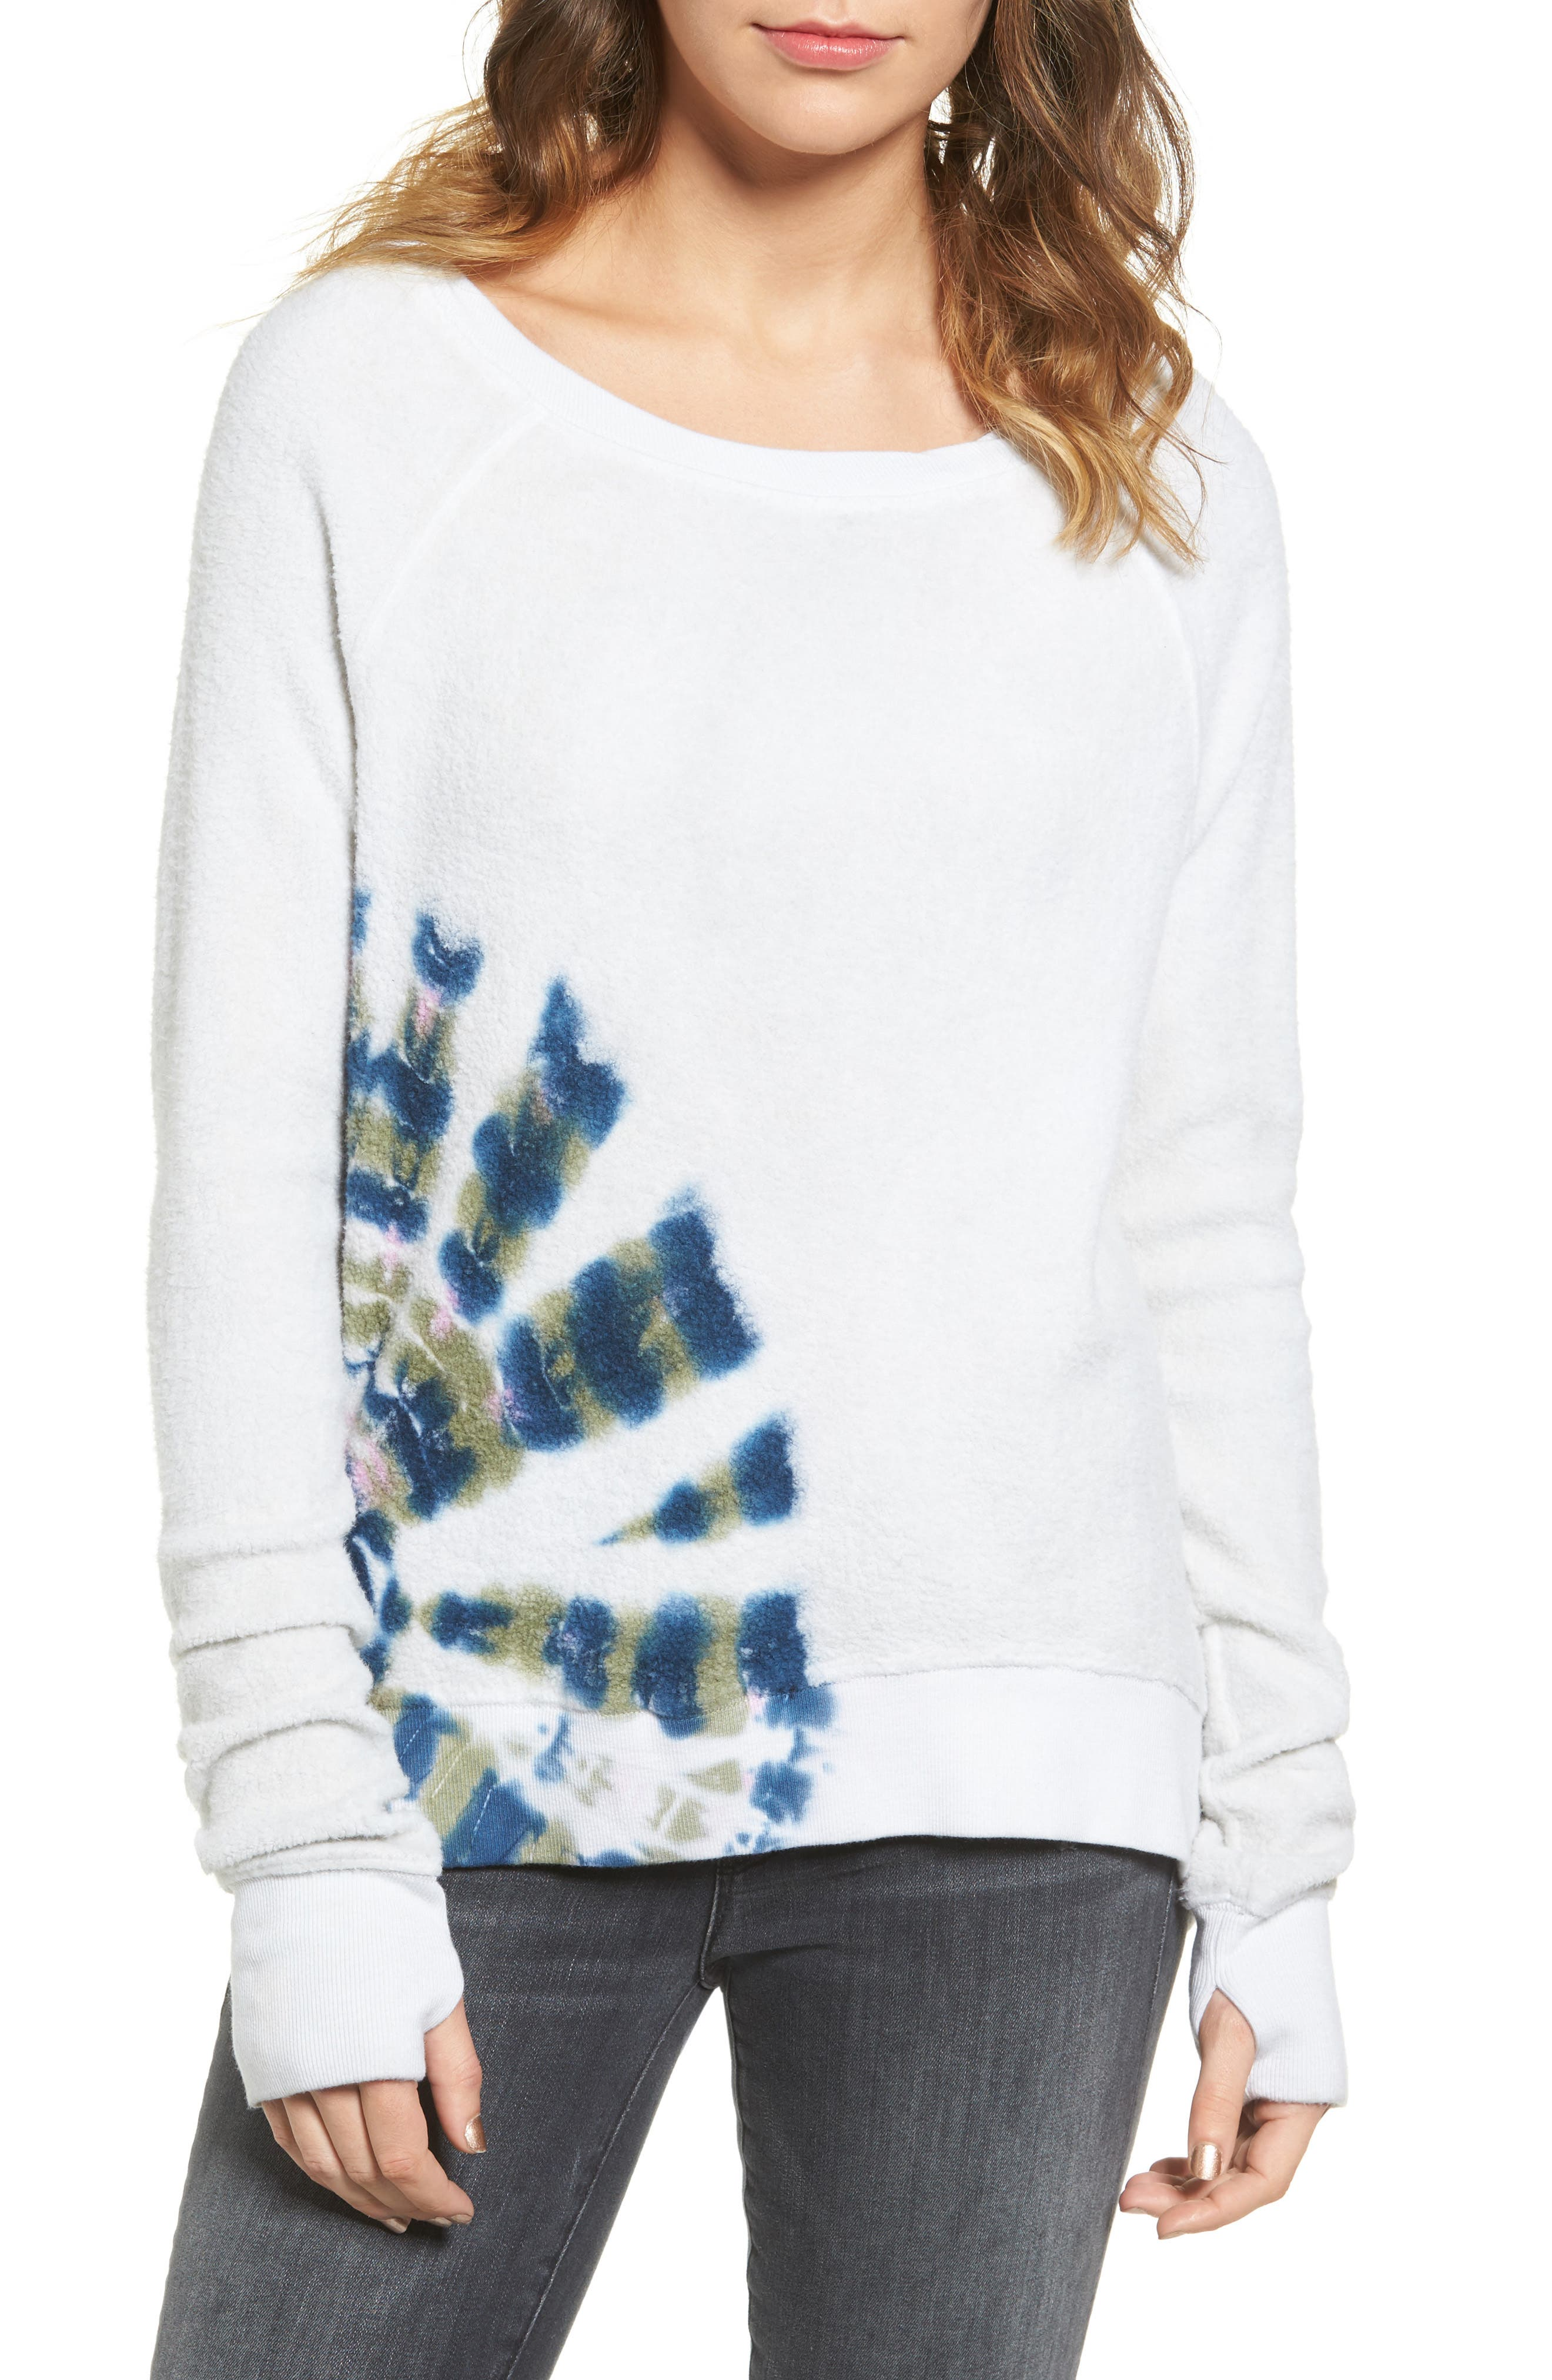 PAM & GELA Inside Out Sweatshirt